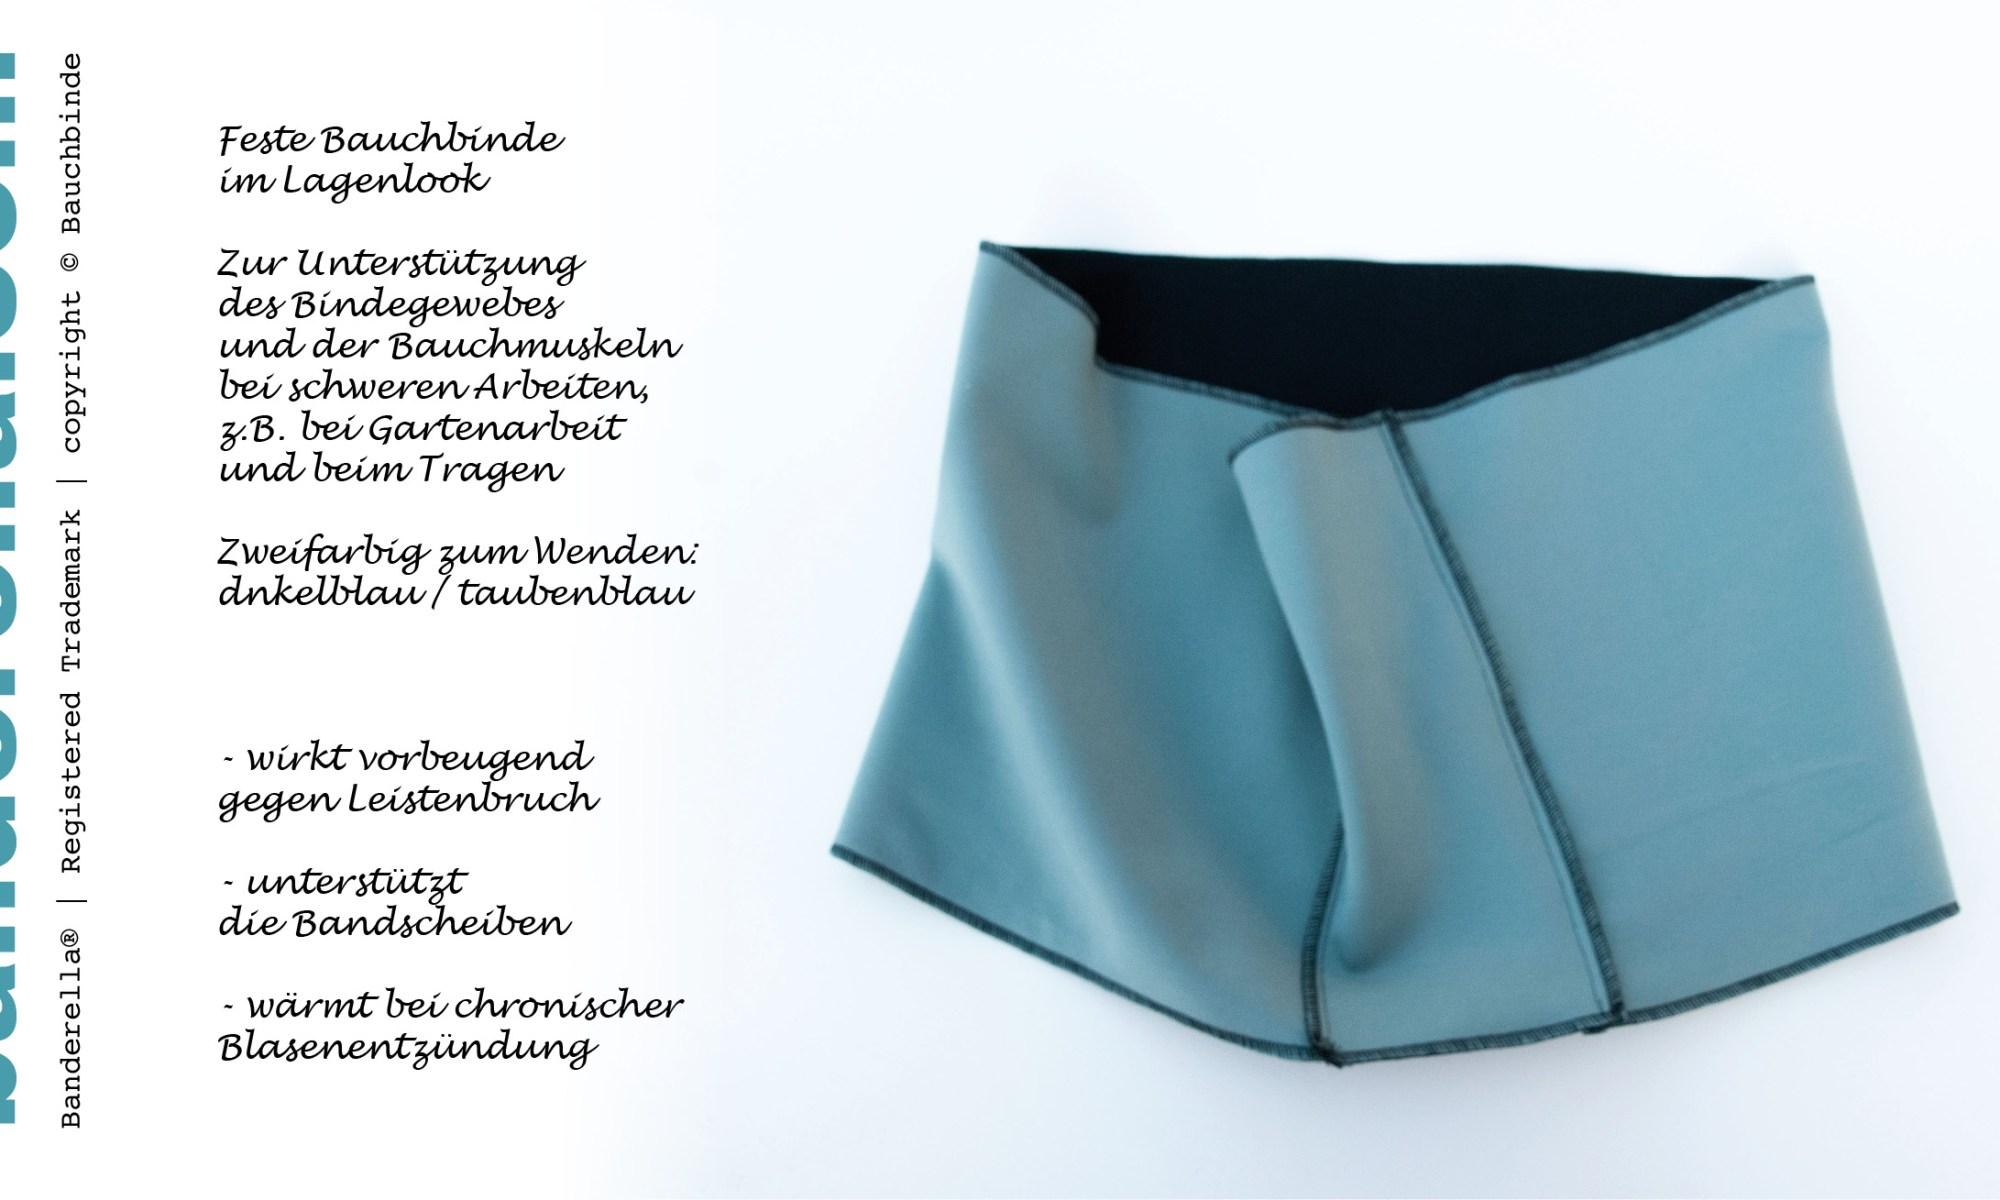 Bruchband oder Taillengürtel: Shapewear - aber über den normalen Klamotten